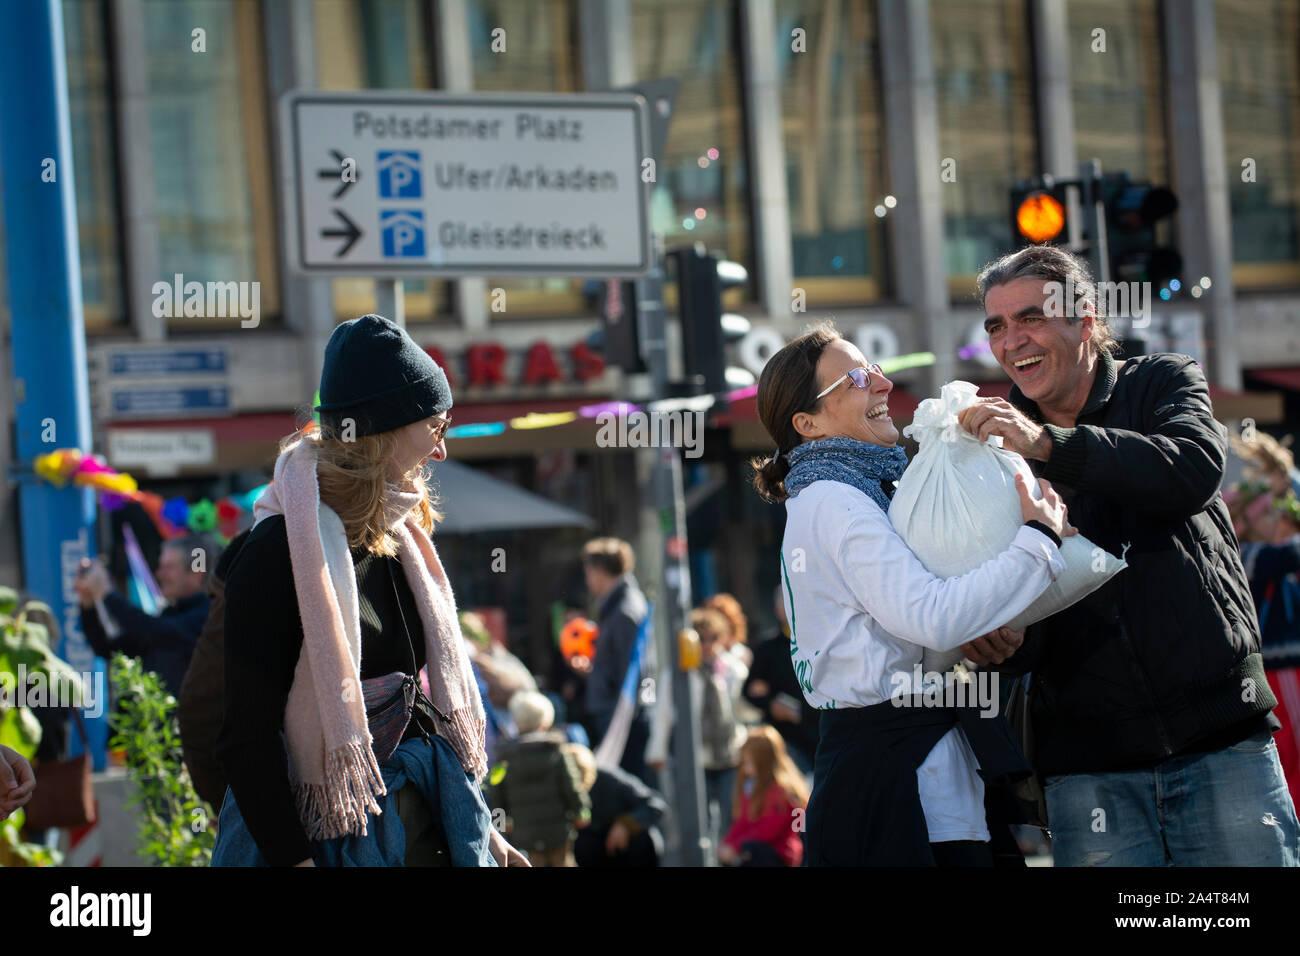 Rébellion d'extinction à Berlin se préparer avec des sacs de sable pour occuper Potsdam Platz, Berlin, Allemagne. Banque D'Images